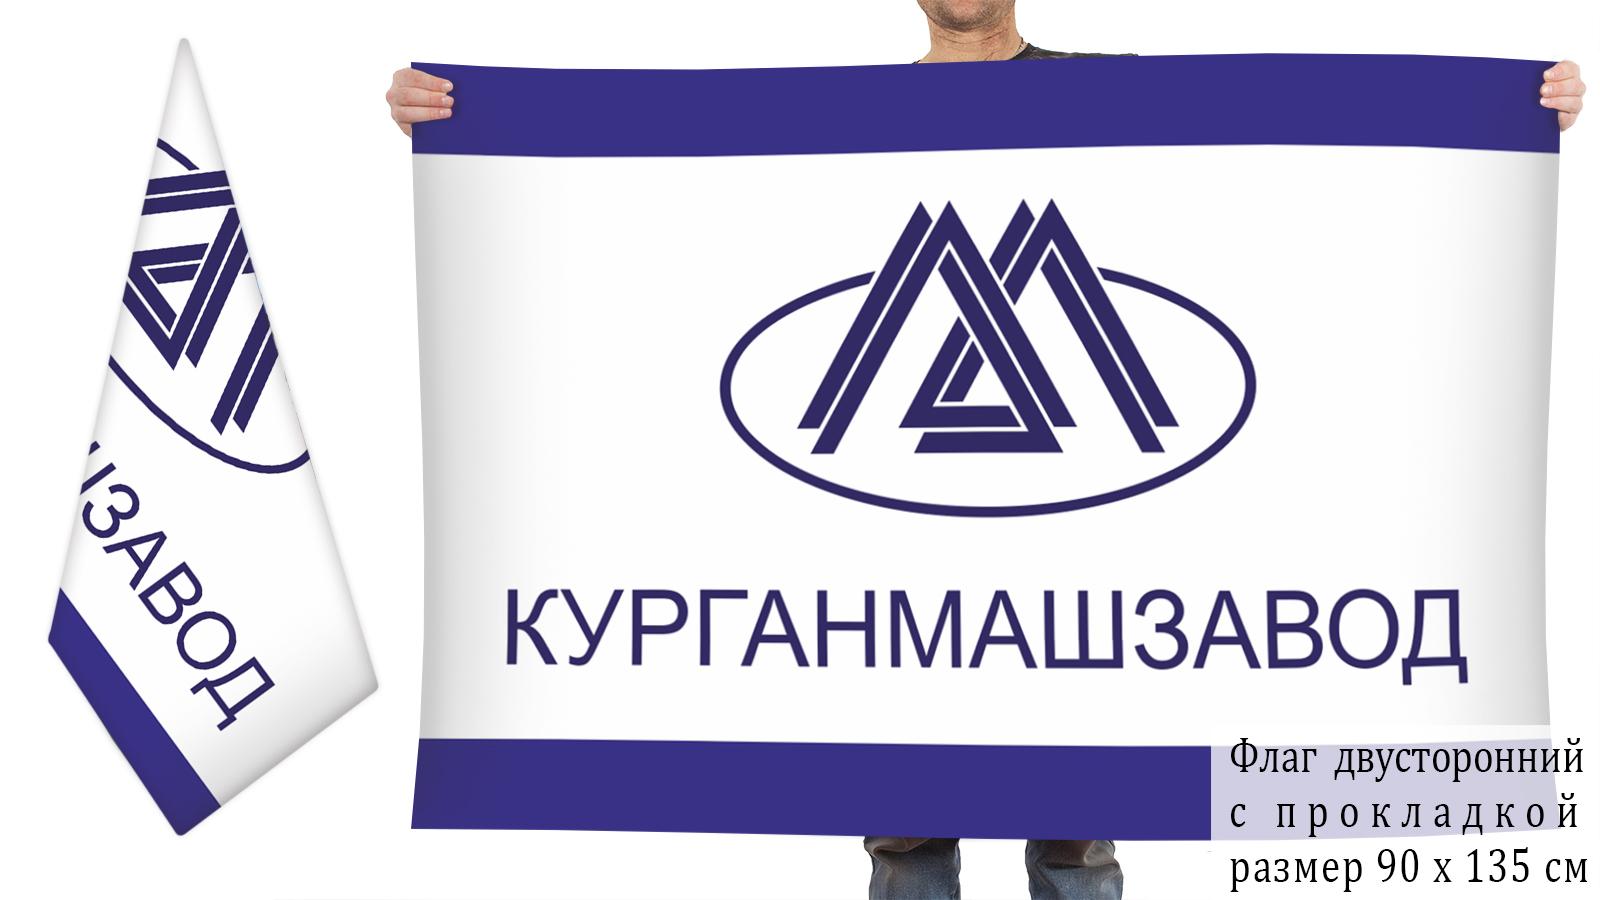 Двусторонний флаг Курганмашзавода